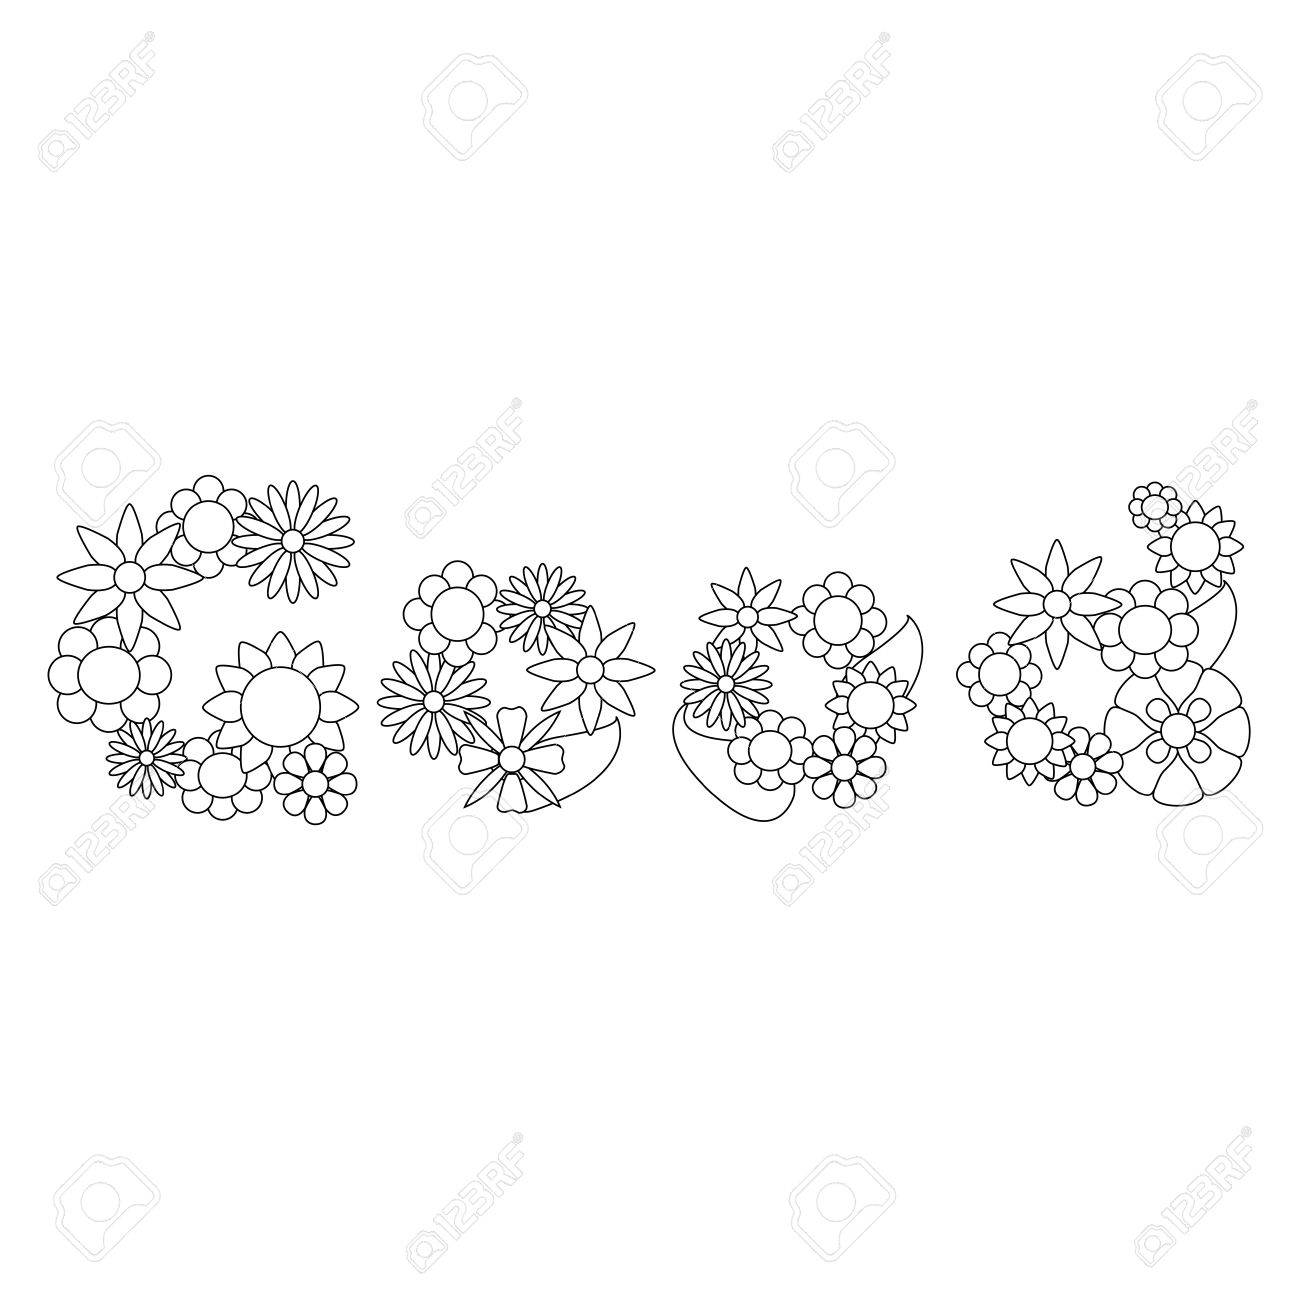 良い言葉花飾りの図良い言葉花飾りイラスト花単語着色ぬりえはがき